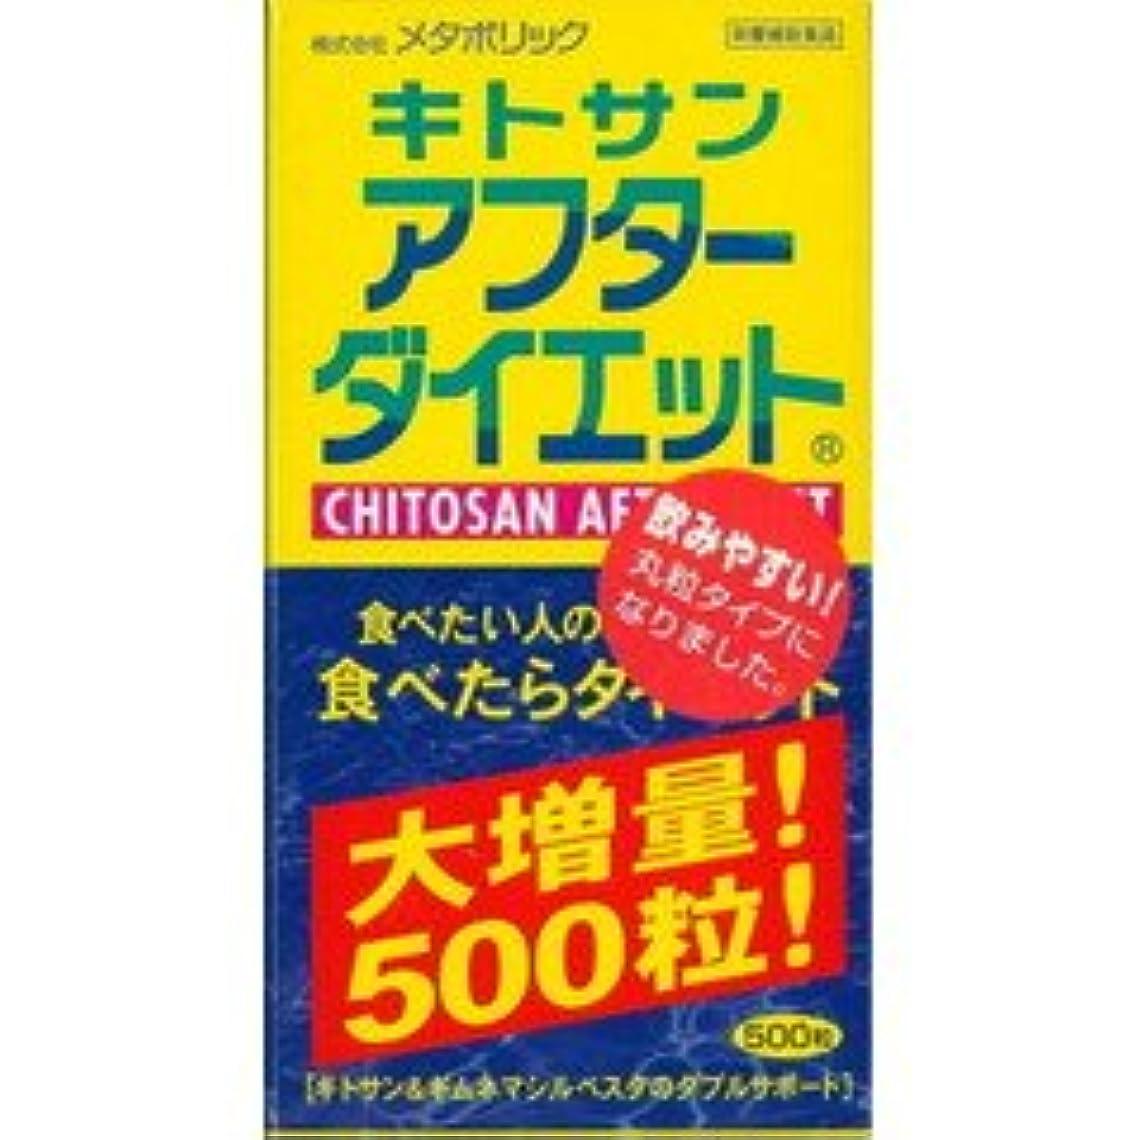 カフェユーモア珍しいメタボリック キトサン アフターダイエット 500粒入り